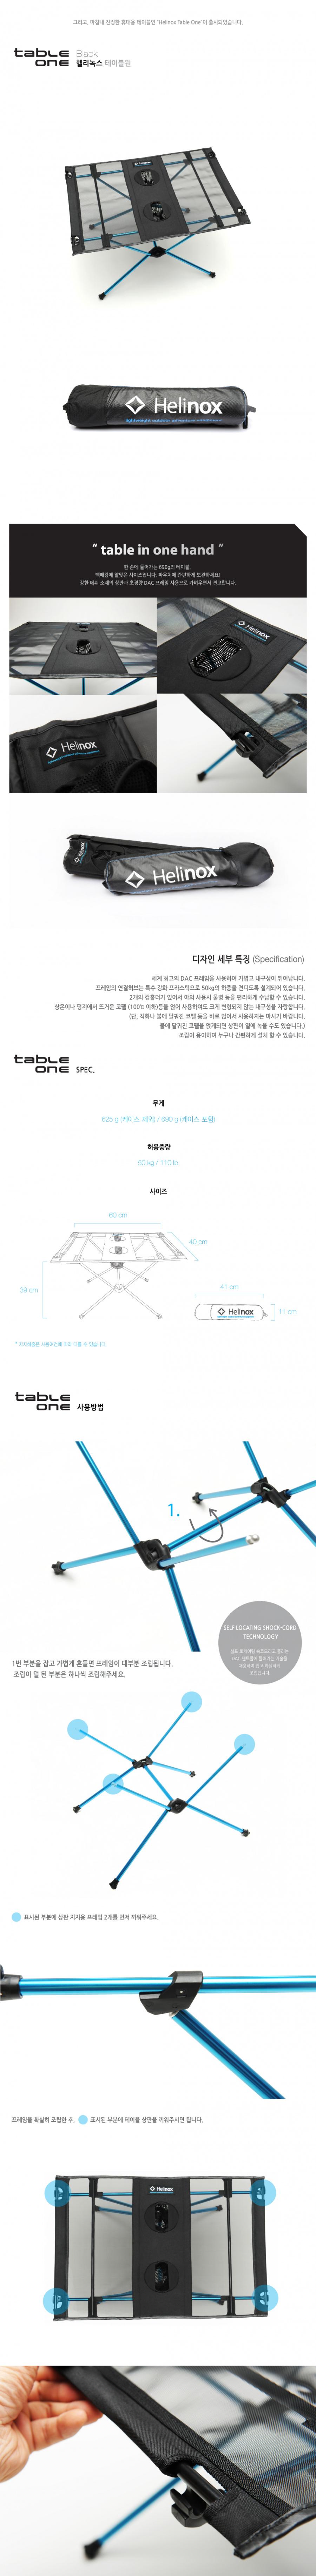 헬리녹스(HELINOX) 테이블 원 - 블랙